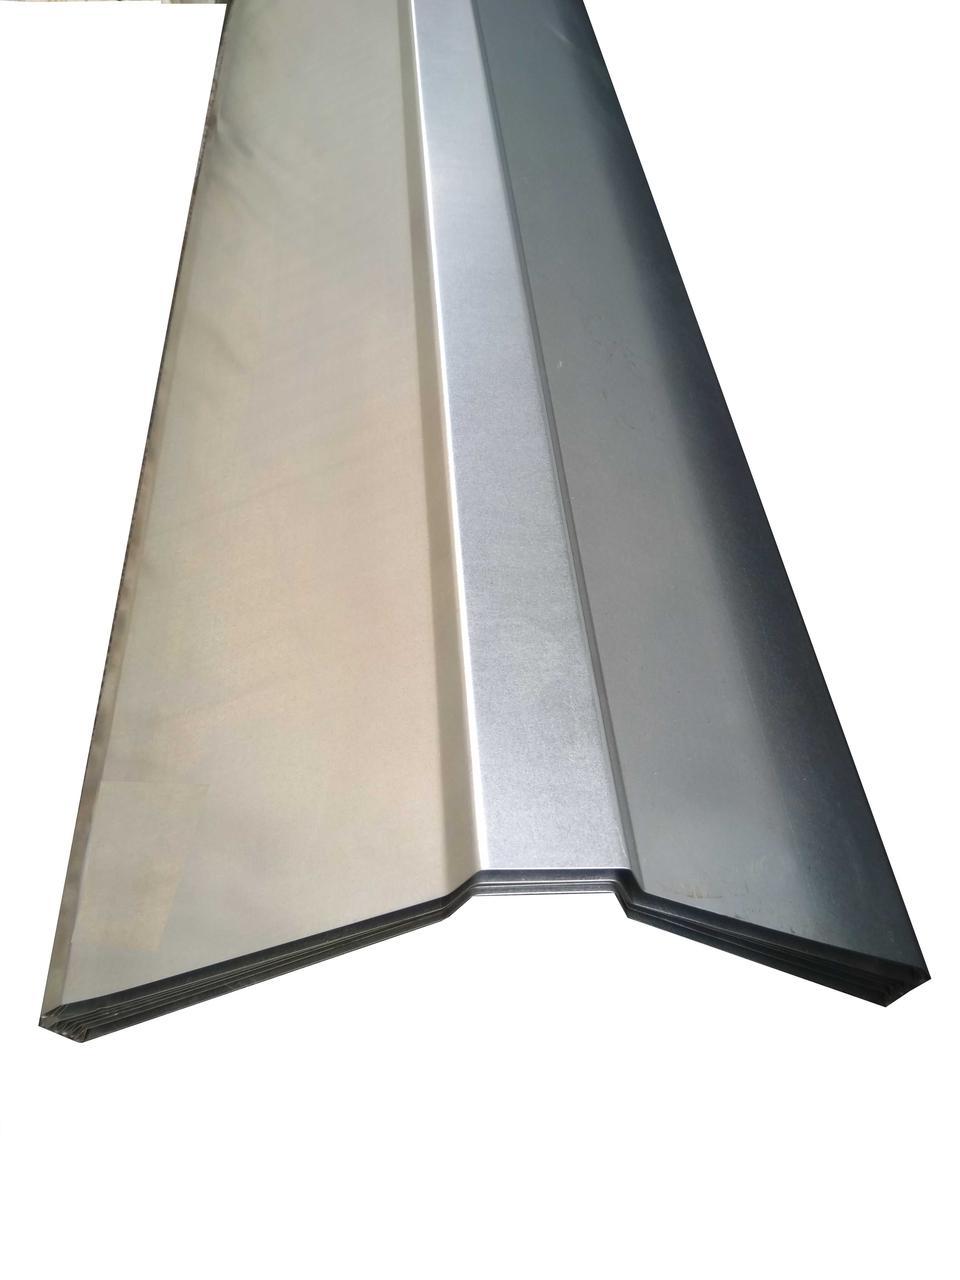 Планка конька плоского 150x150x2000 стального листа 0,45 мм,толщ. Оцинкованный